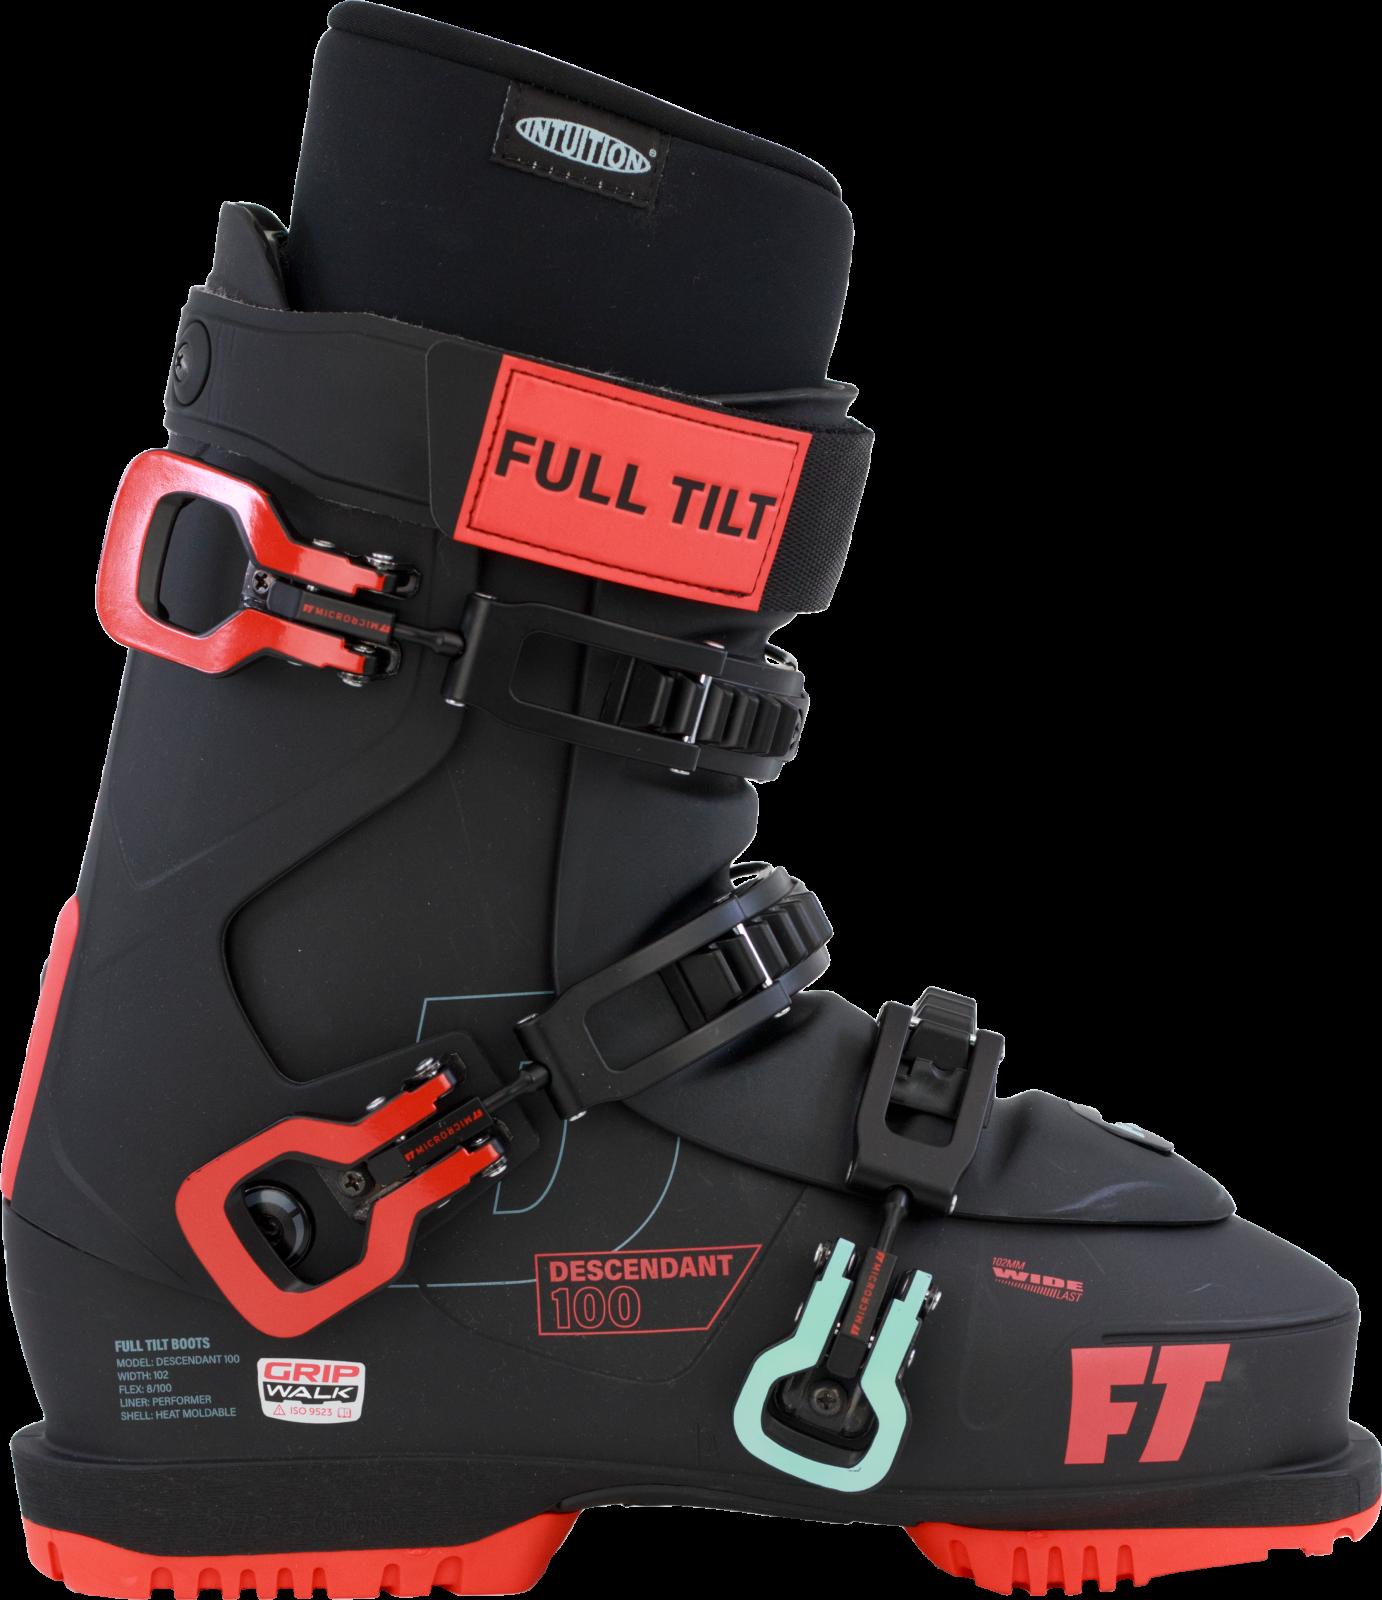 2022 Full Tilt Descendant 100 Men's Ski Boots